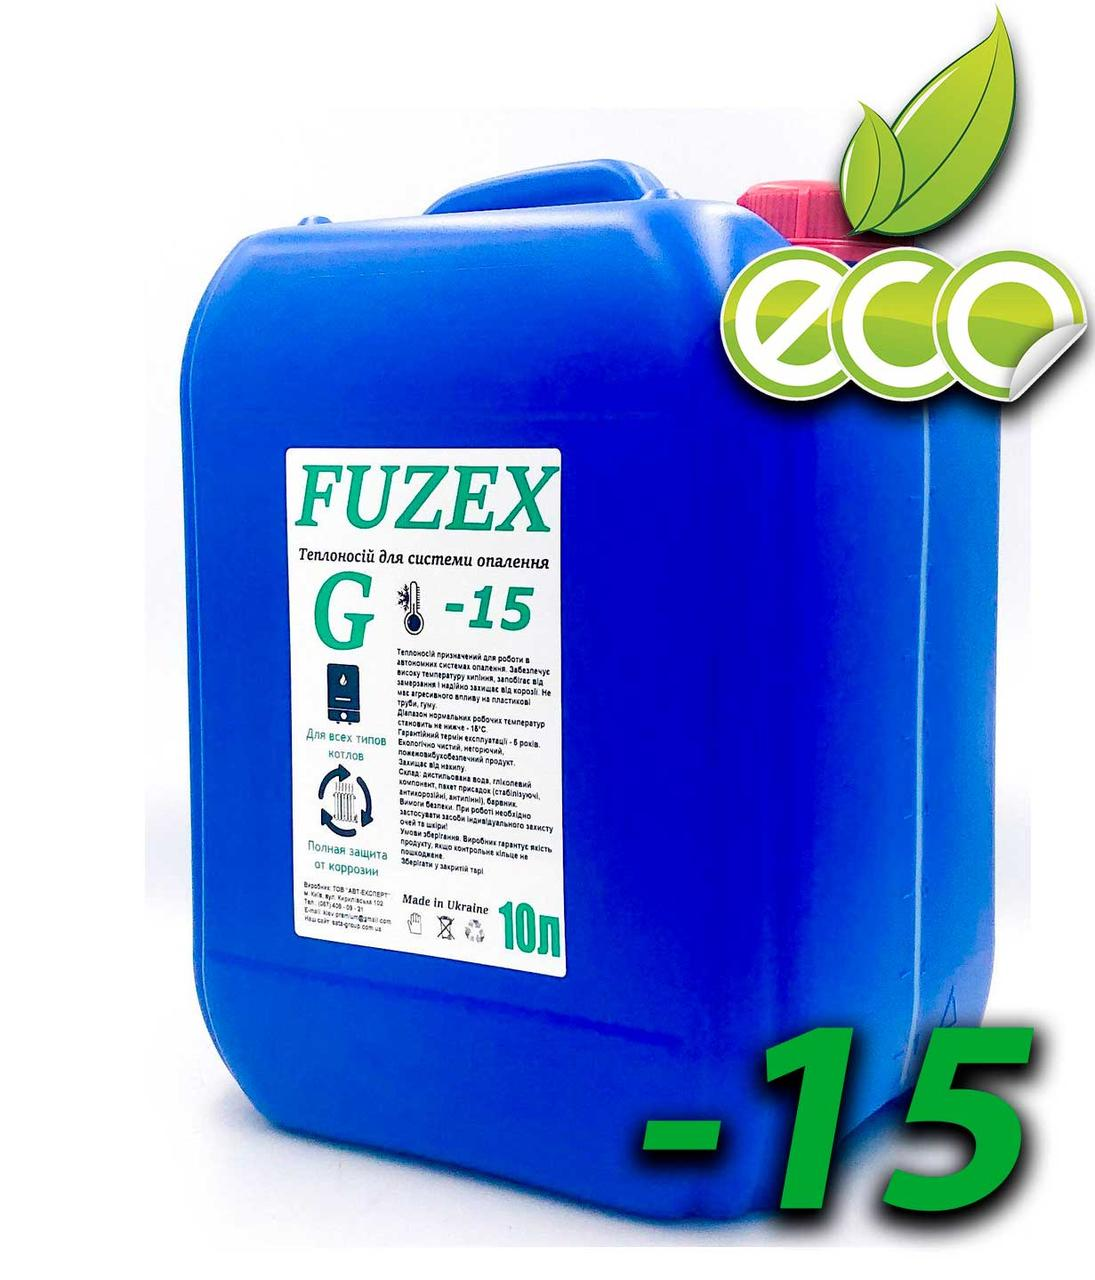 Антифриз систем отопления (бытовой антифриз) Fuzex G